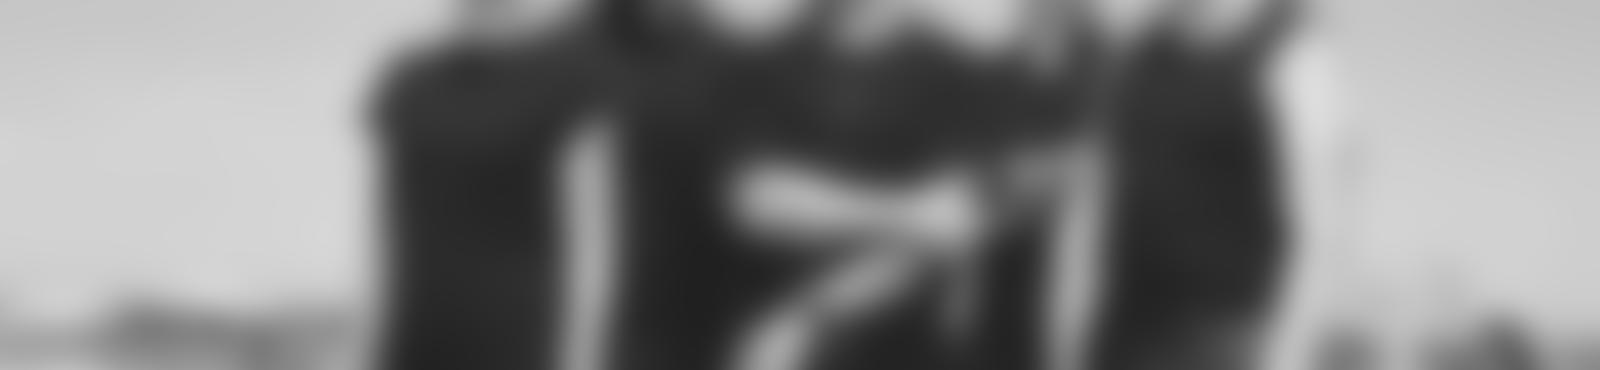 Blurred b5833ae7 48a4 4610 96c4 f6a157e86a56